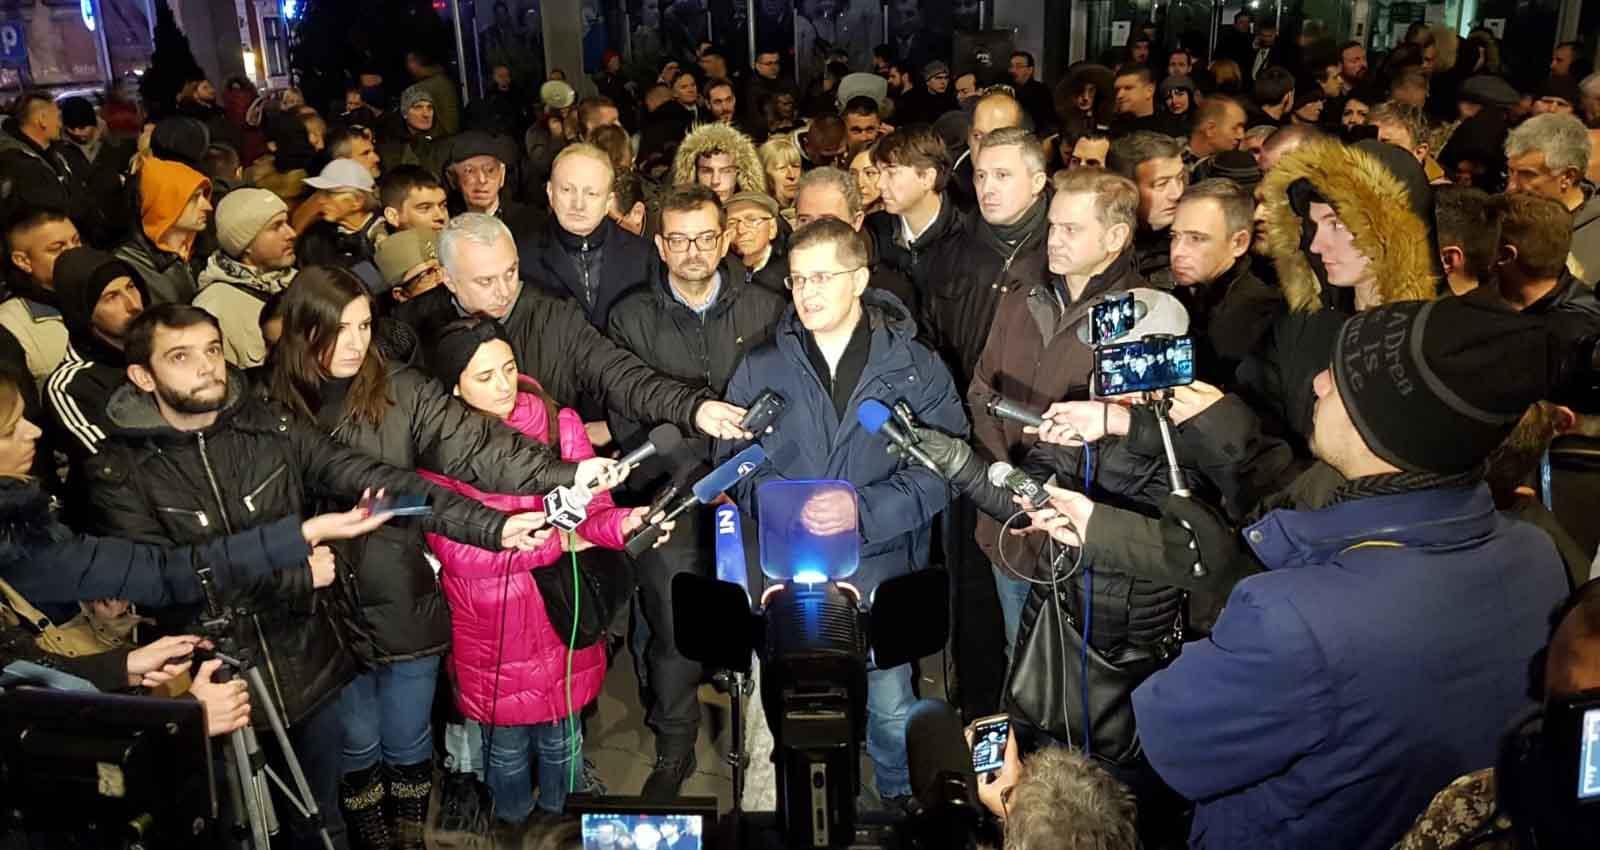 Јеремић: Успела блокада РТС-а, Јавни сервис морао да подели истину с грађанима